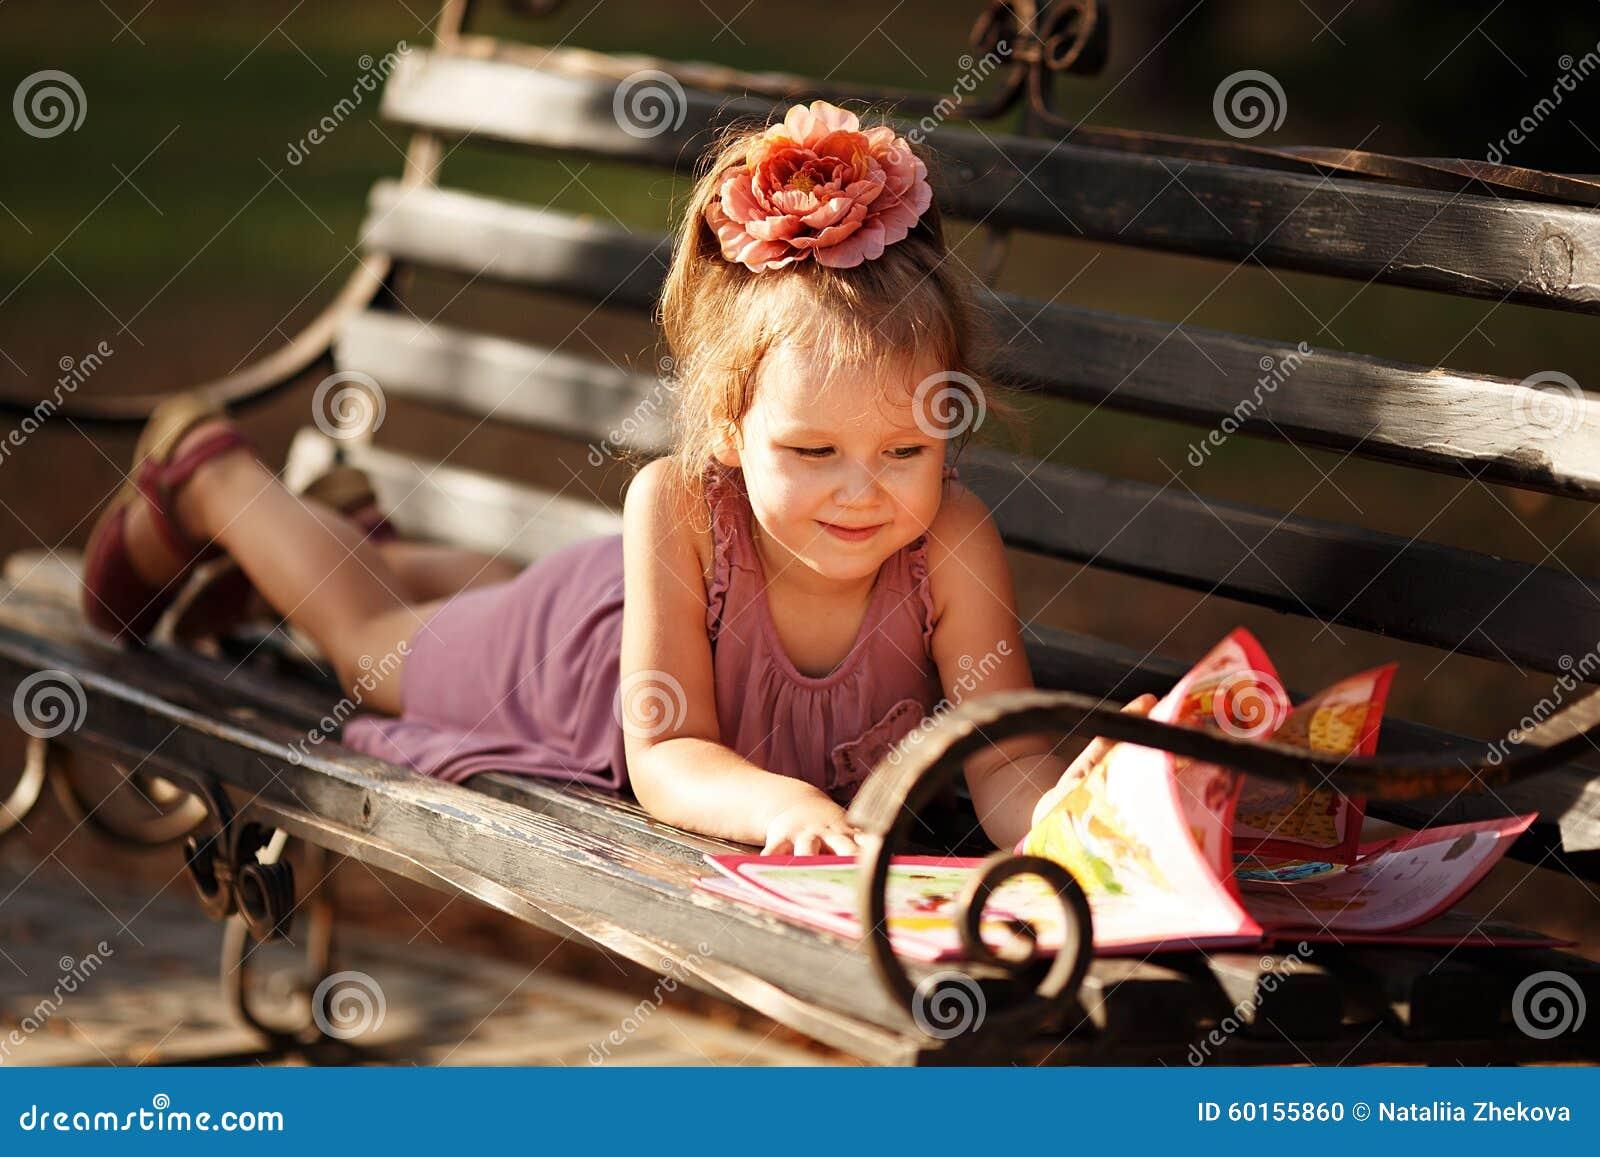 Porträt eines kleinen Mädchens, das ein Buch der Kinder liegt auf einem p liest